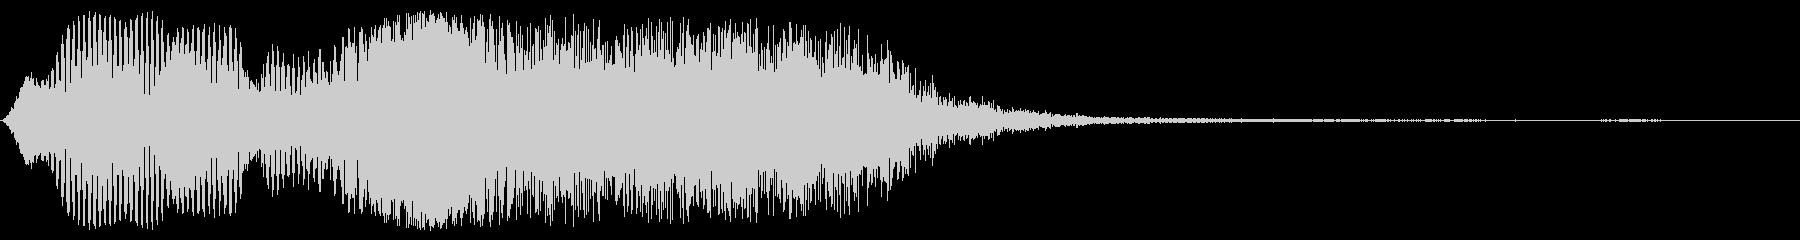 ダンダンダーン・・・(暗めの効果音)の未再生の波形